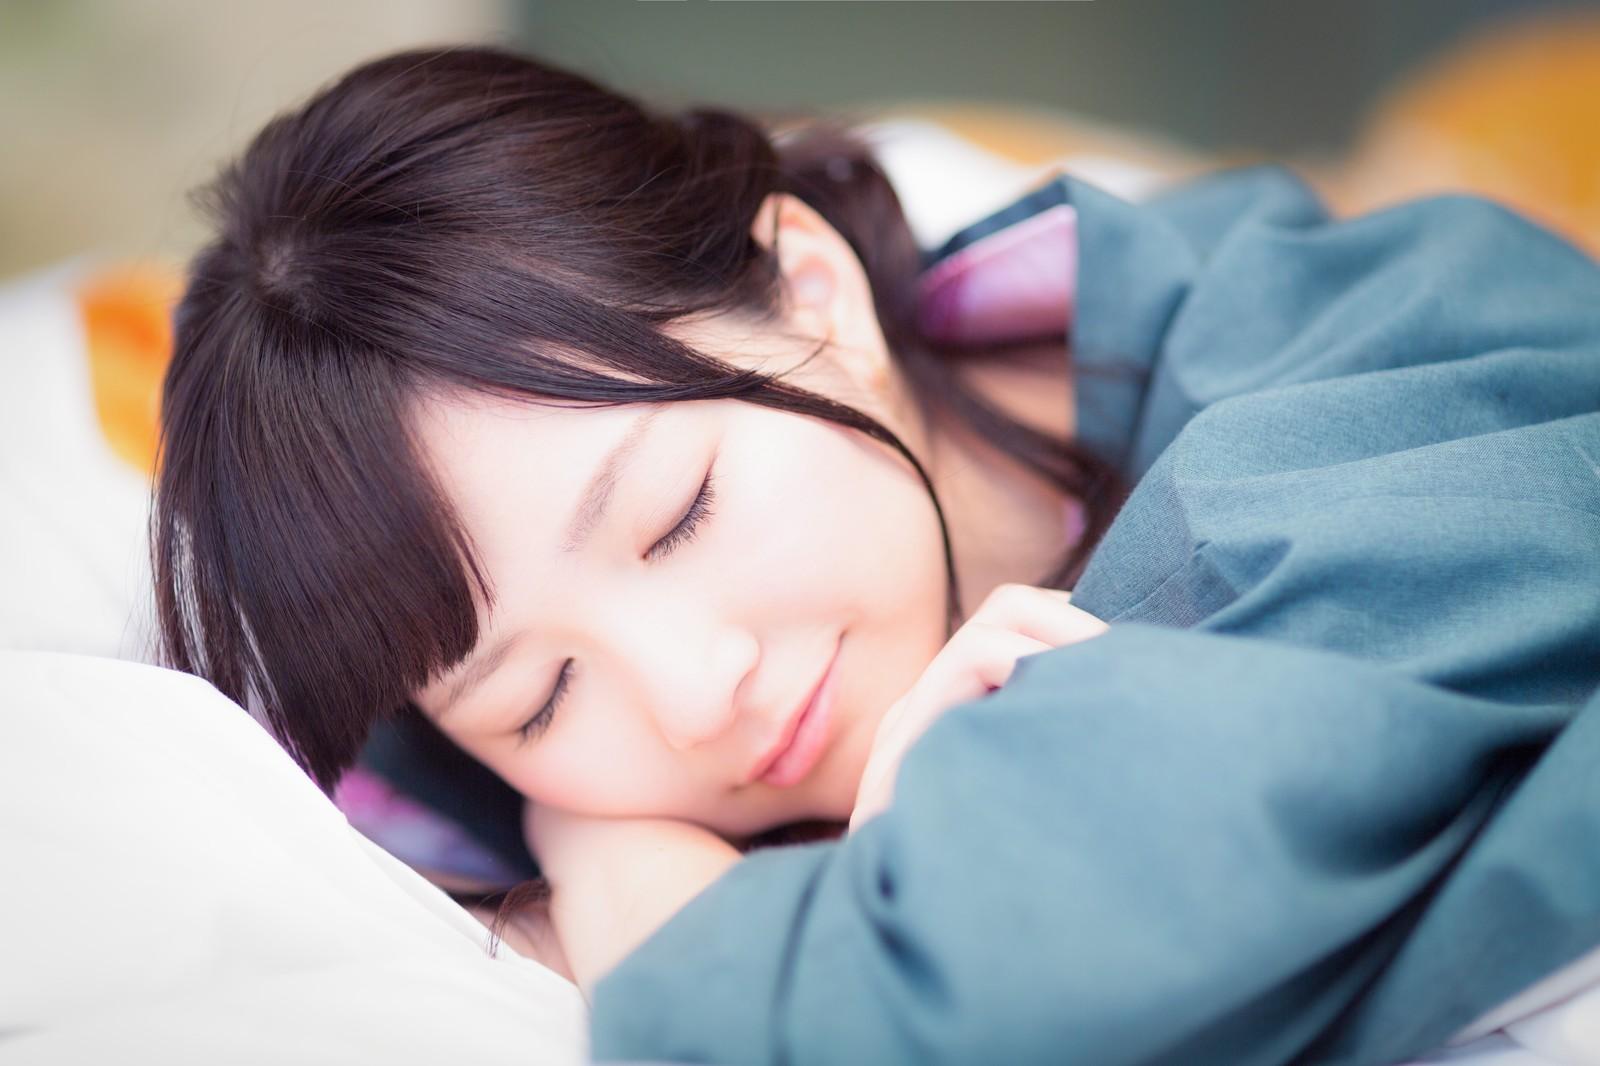 就寝時も会議中も強い味方!?iPhoneの「おやすみモード」って何?